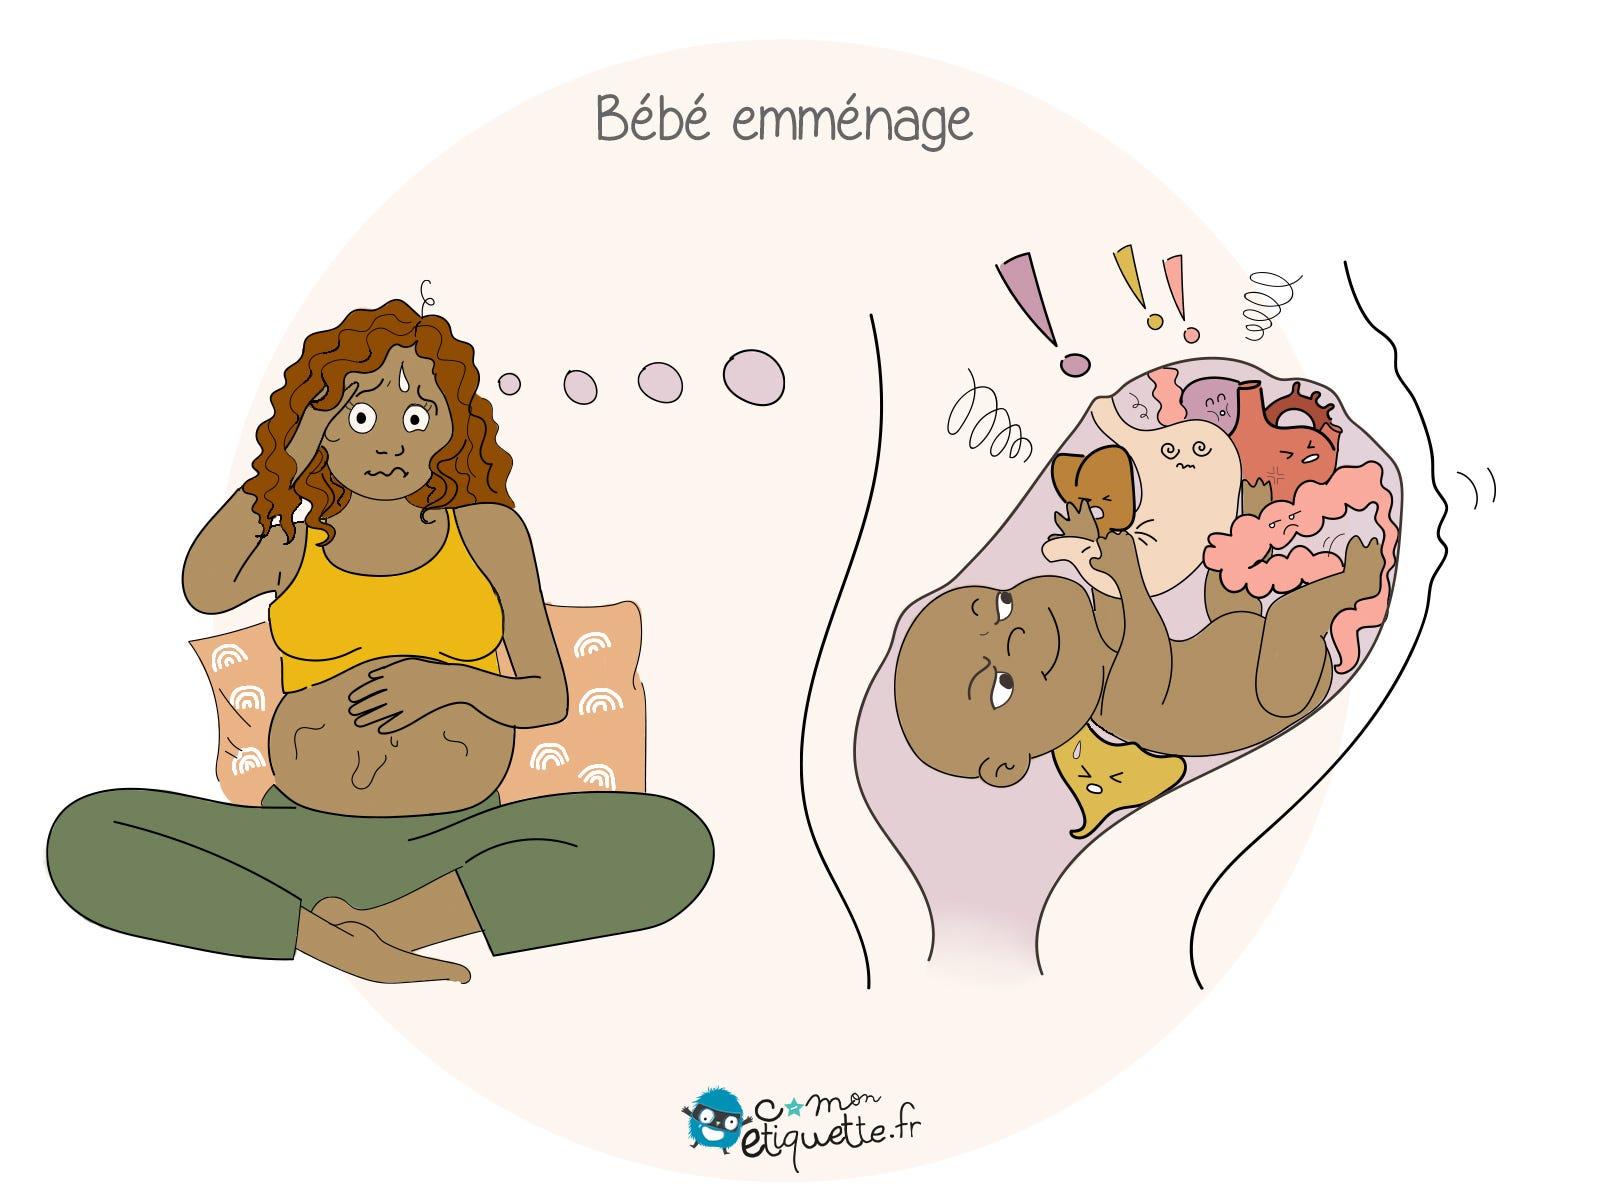 Pendant ta grossesse, bébé emménage et ton corps devient un terrain de jeu à part entière !